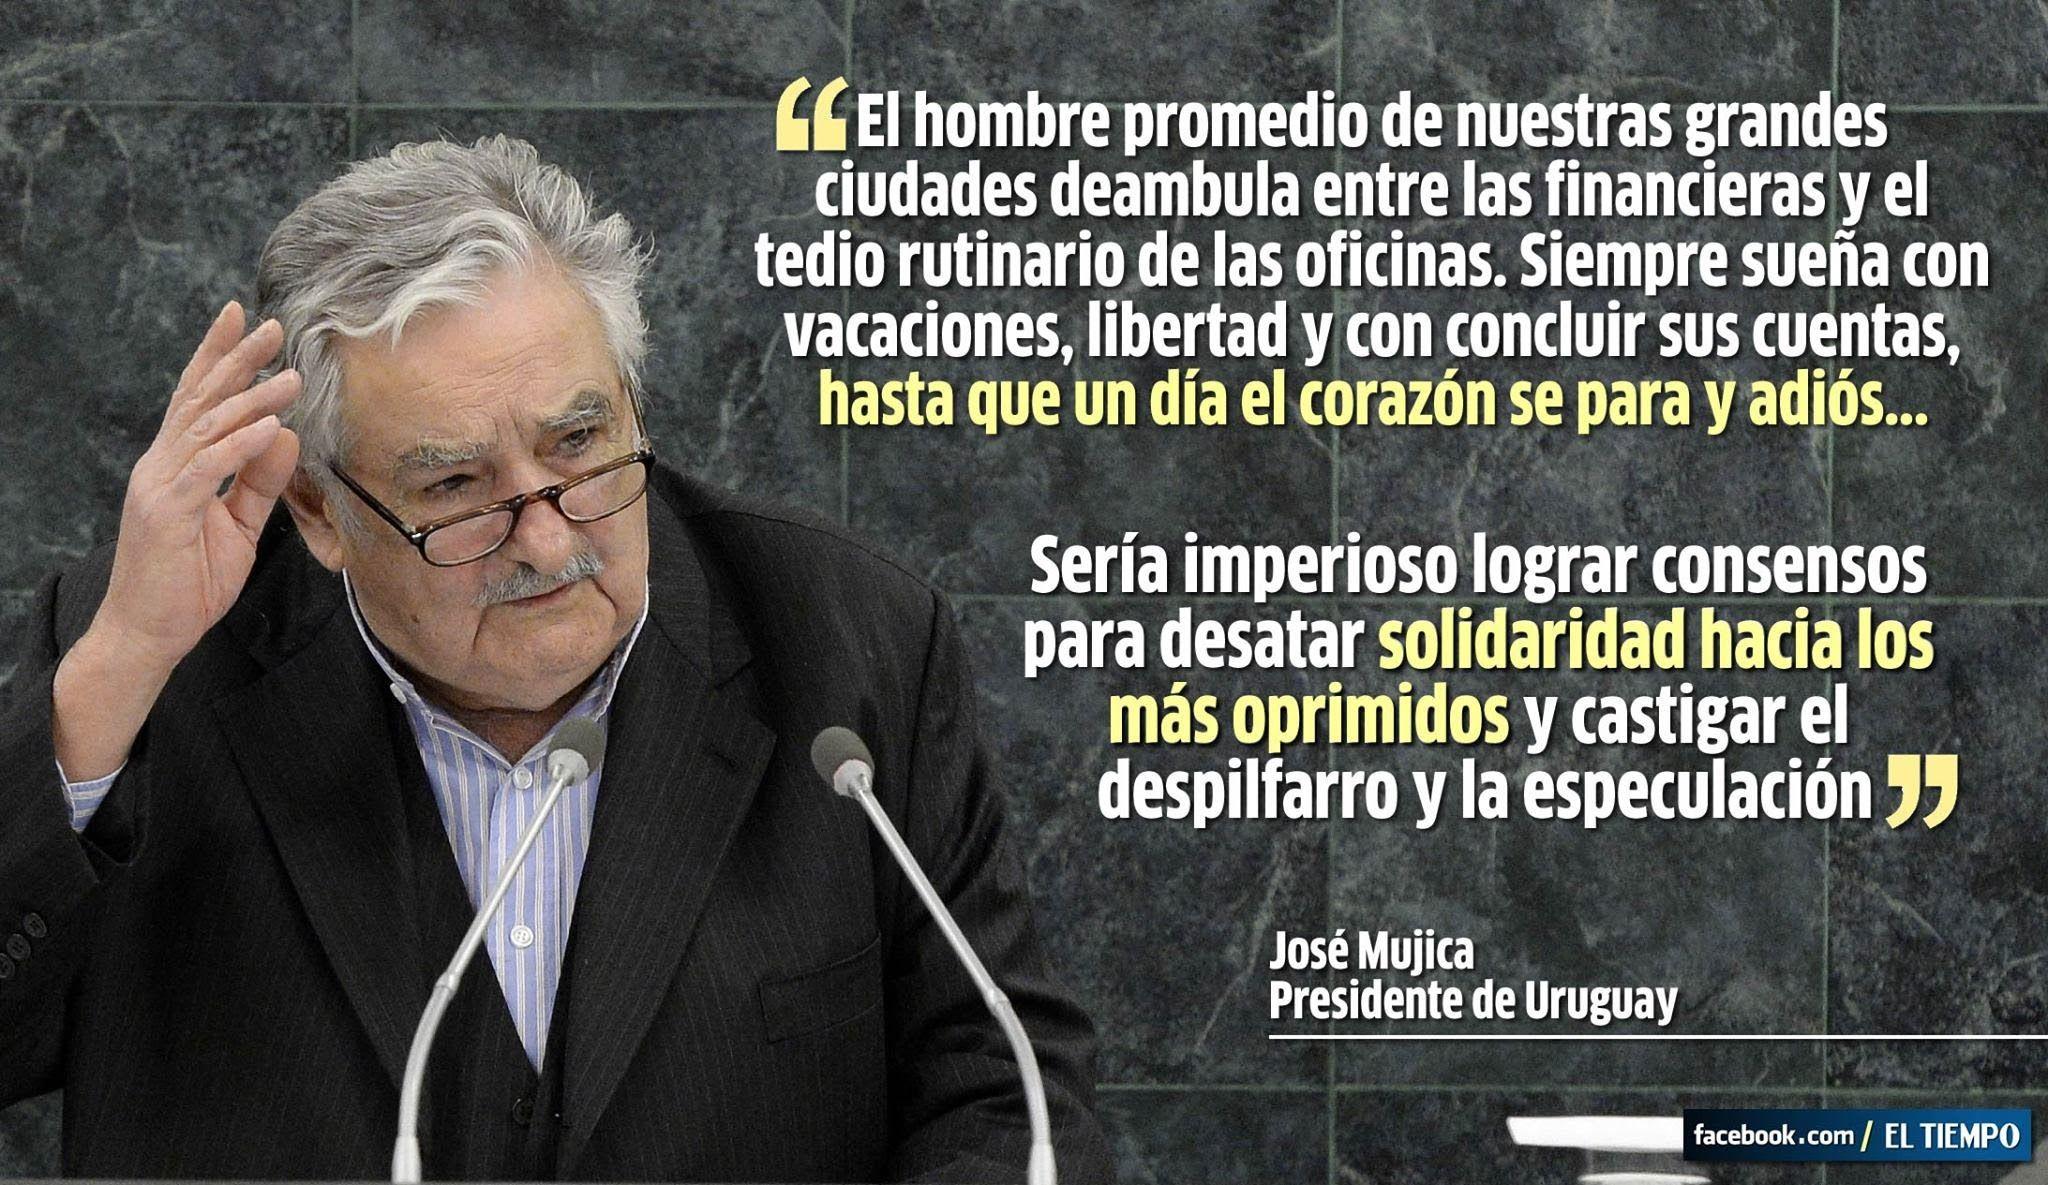 Histórico Discurso De José Mujica En La Onu Contra El Orden